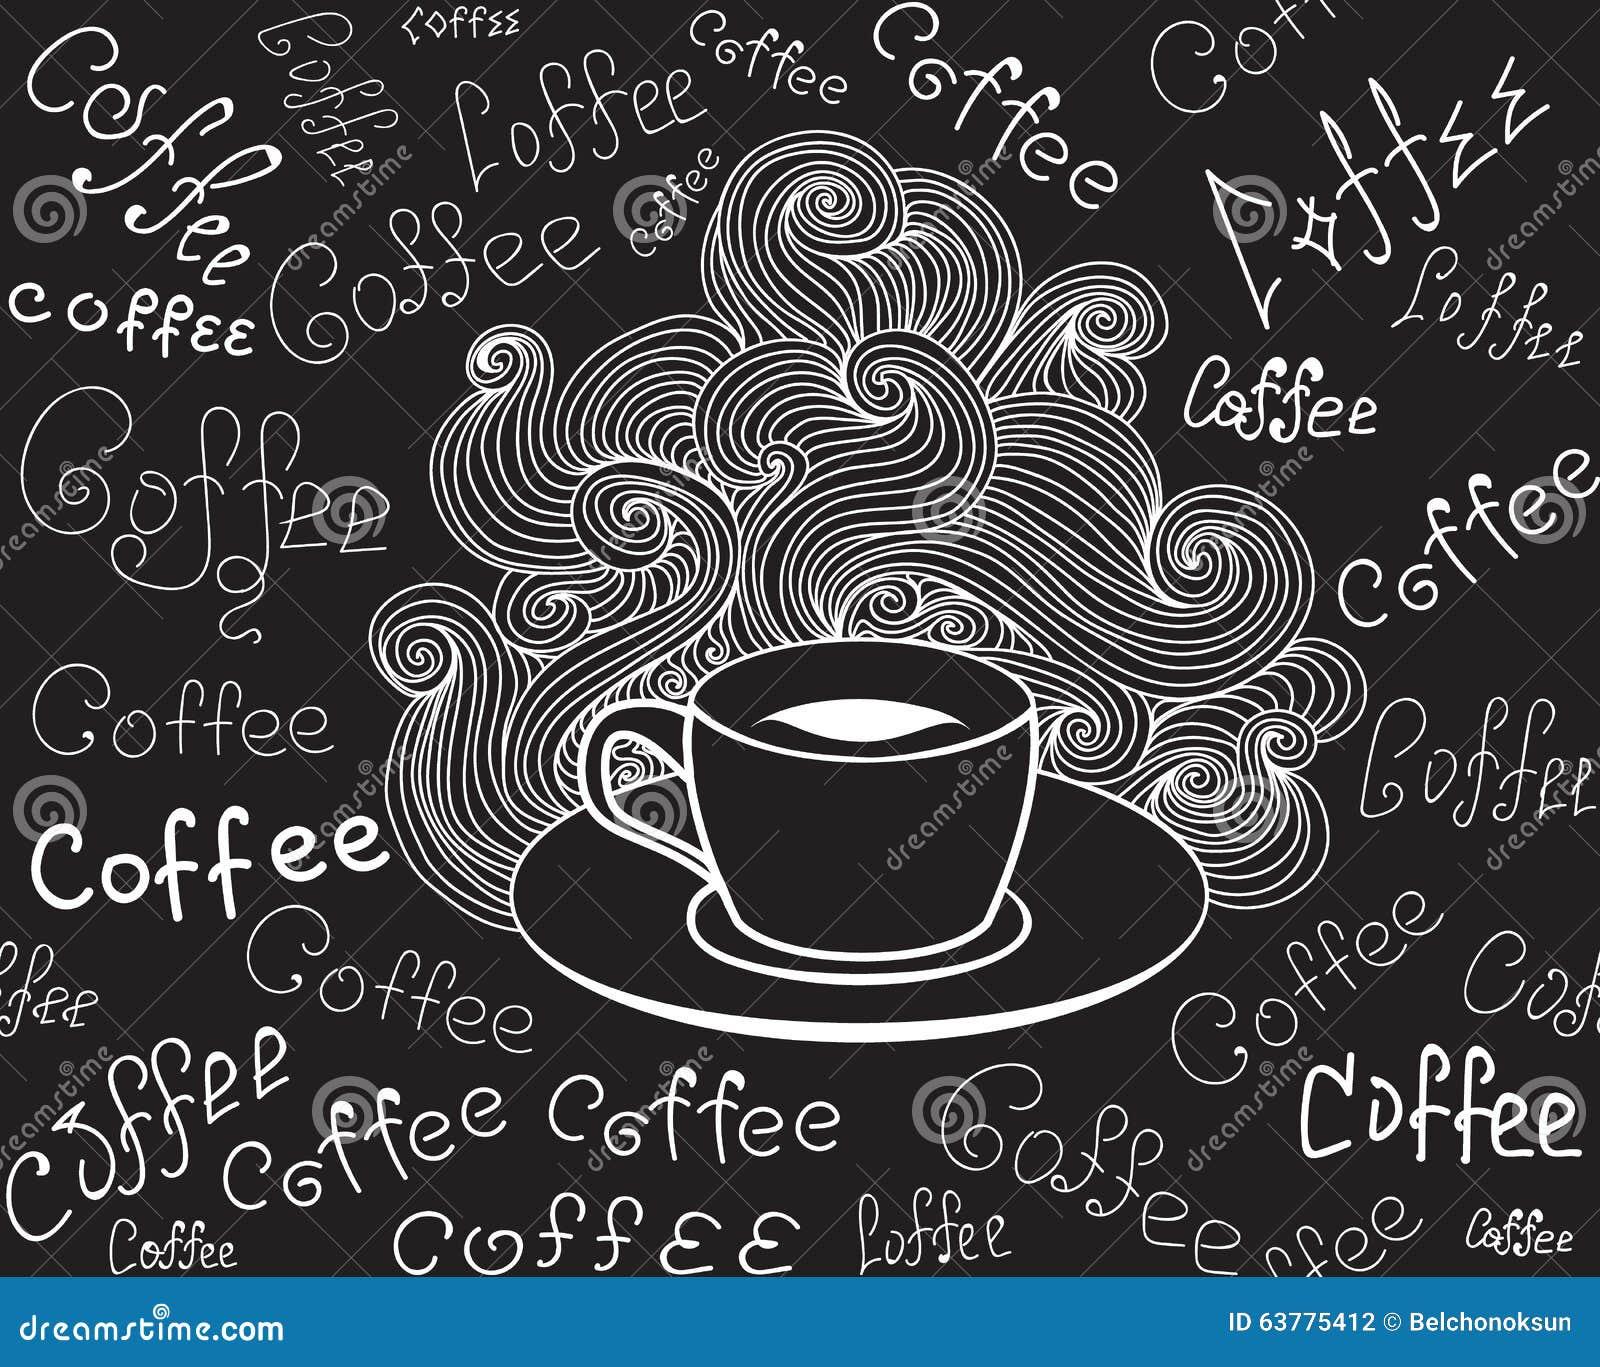 Jedzenia i napoju wektorowy bezszwowy wzór z filiżanką i słowa Kawowy ręcznie pisany kredą na popielatej desce